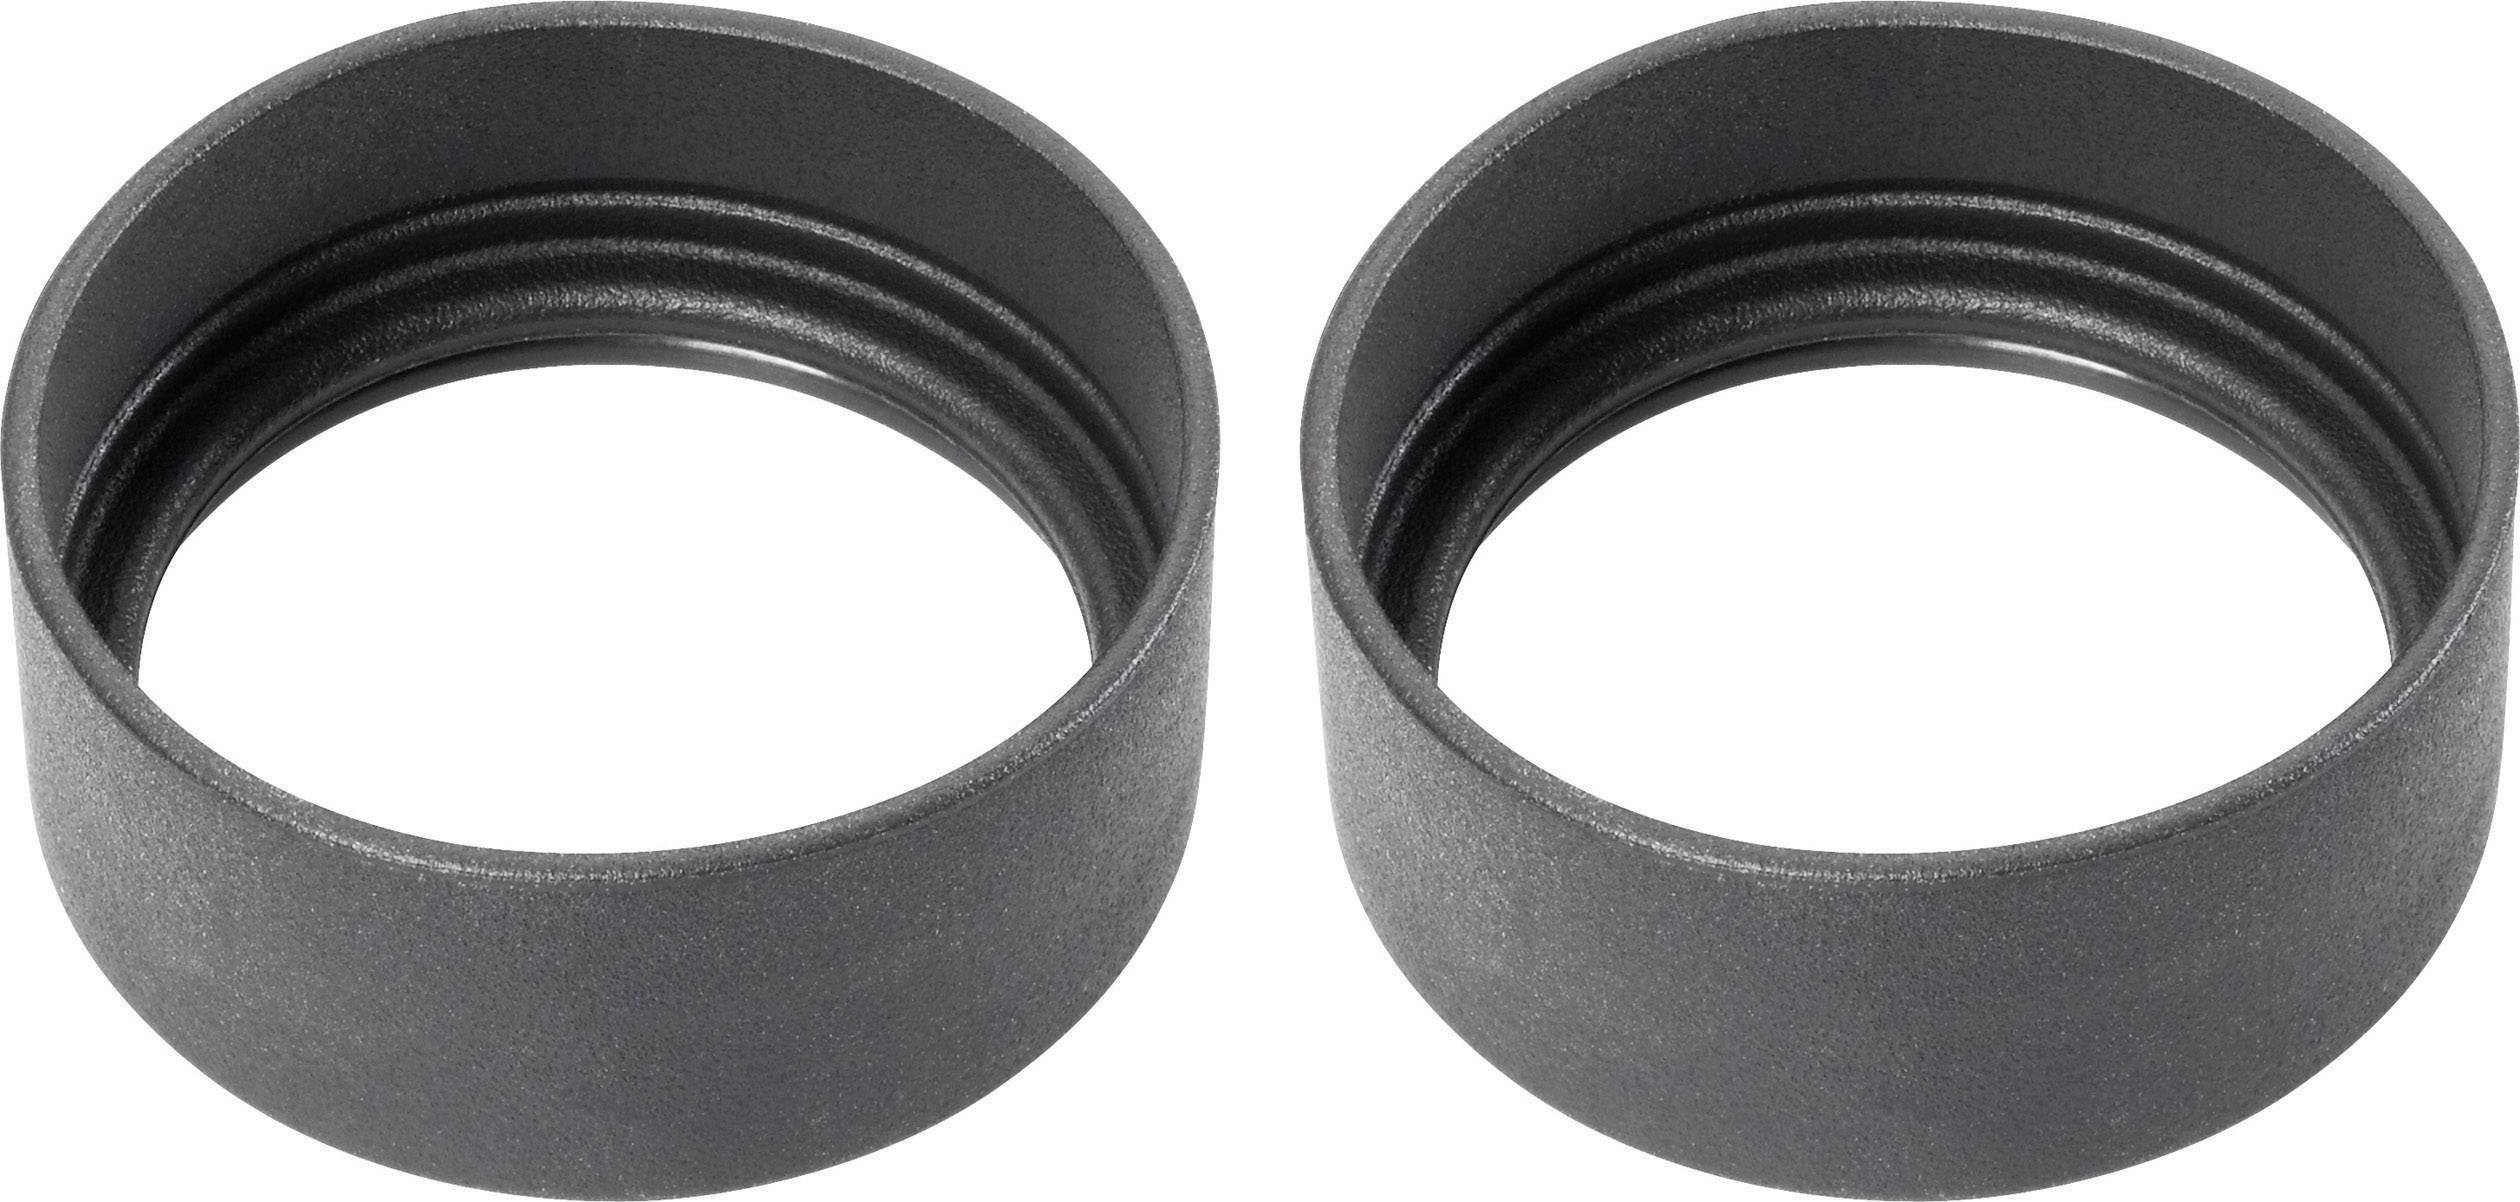 Pár očníc Leica, pre osoby nosiace okuliare, 10447150